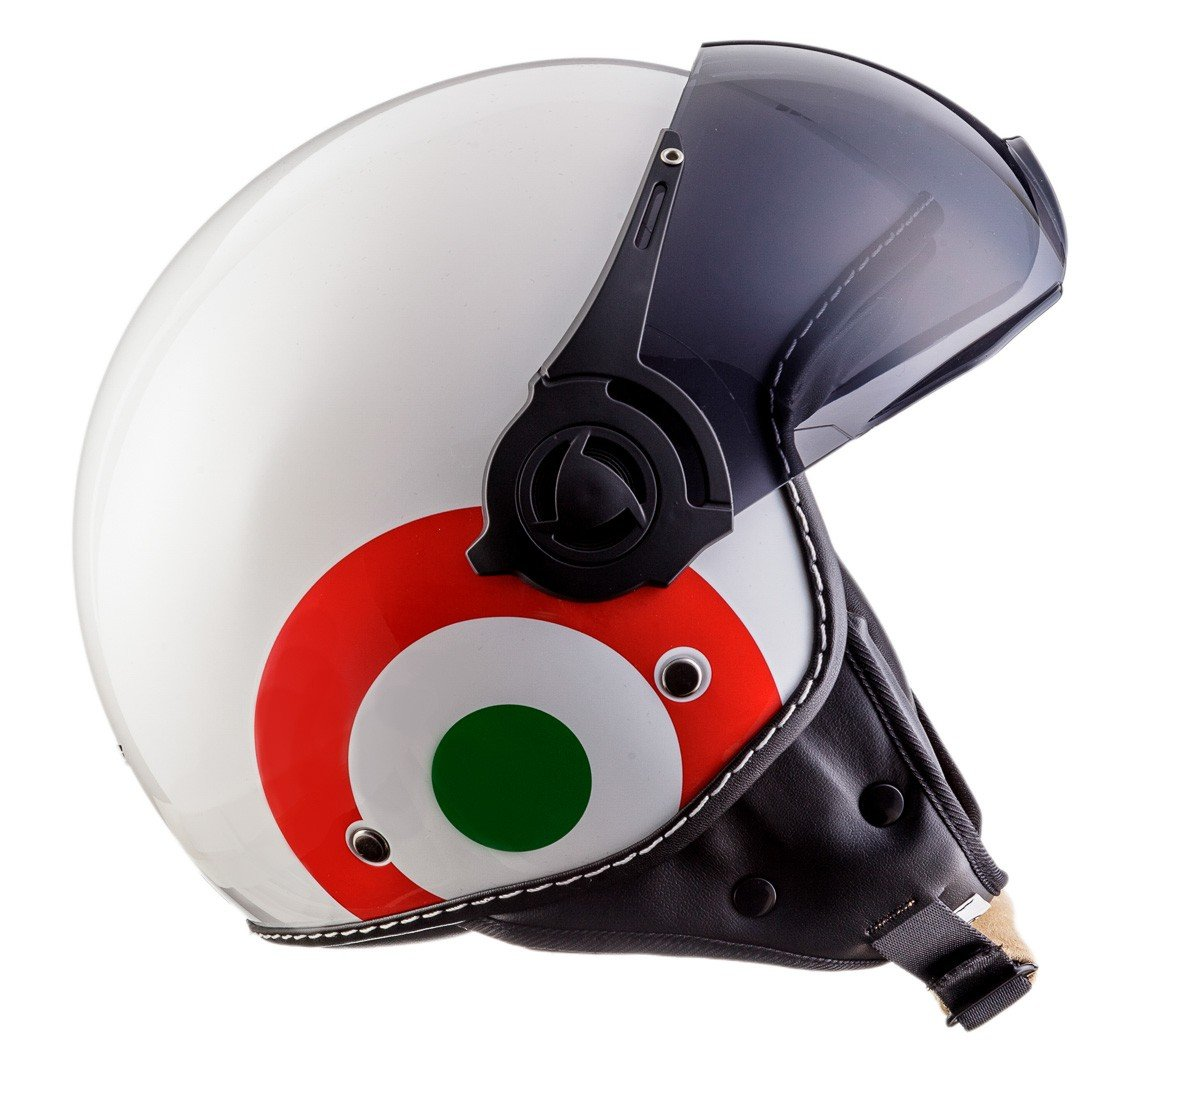 ECE certificado incluida Stofftragetasche MOTO HELMETS H44 Biker Jet-Helm Helmet Retro Scooter-Helm Chopper Vintage Mofa Cruiser Pilot Bobber Moto Helmetsrrad-Helm Roller-Helm Vespa-Helm